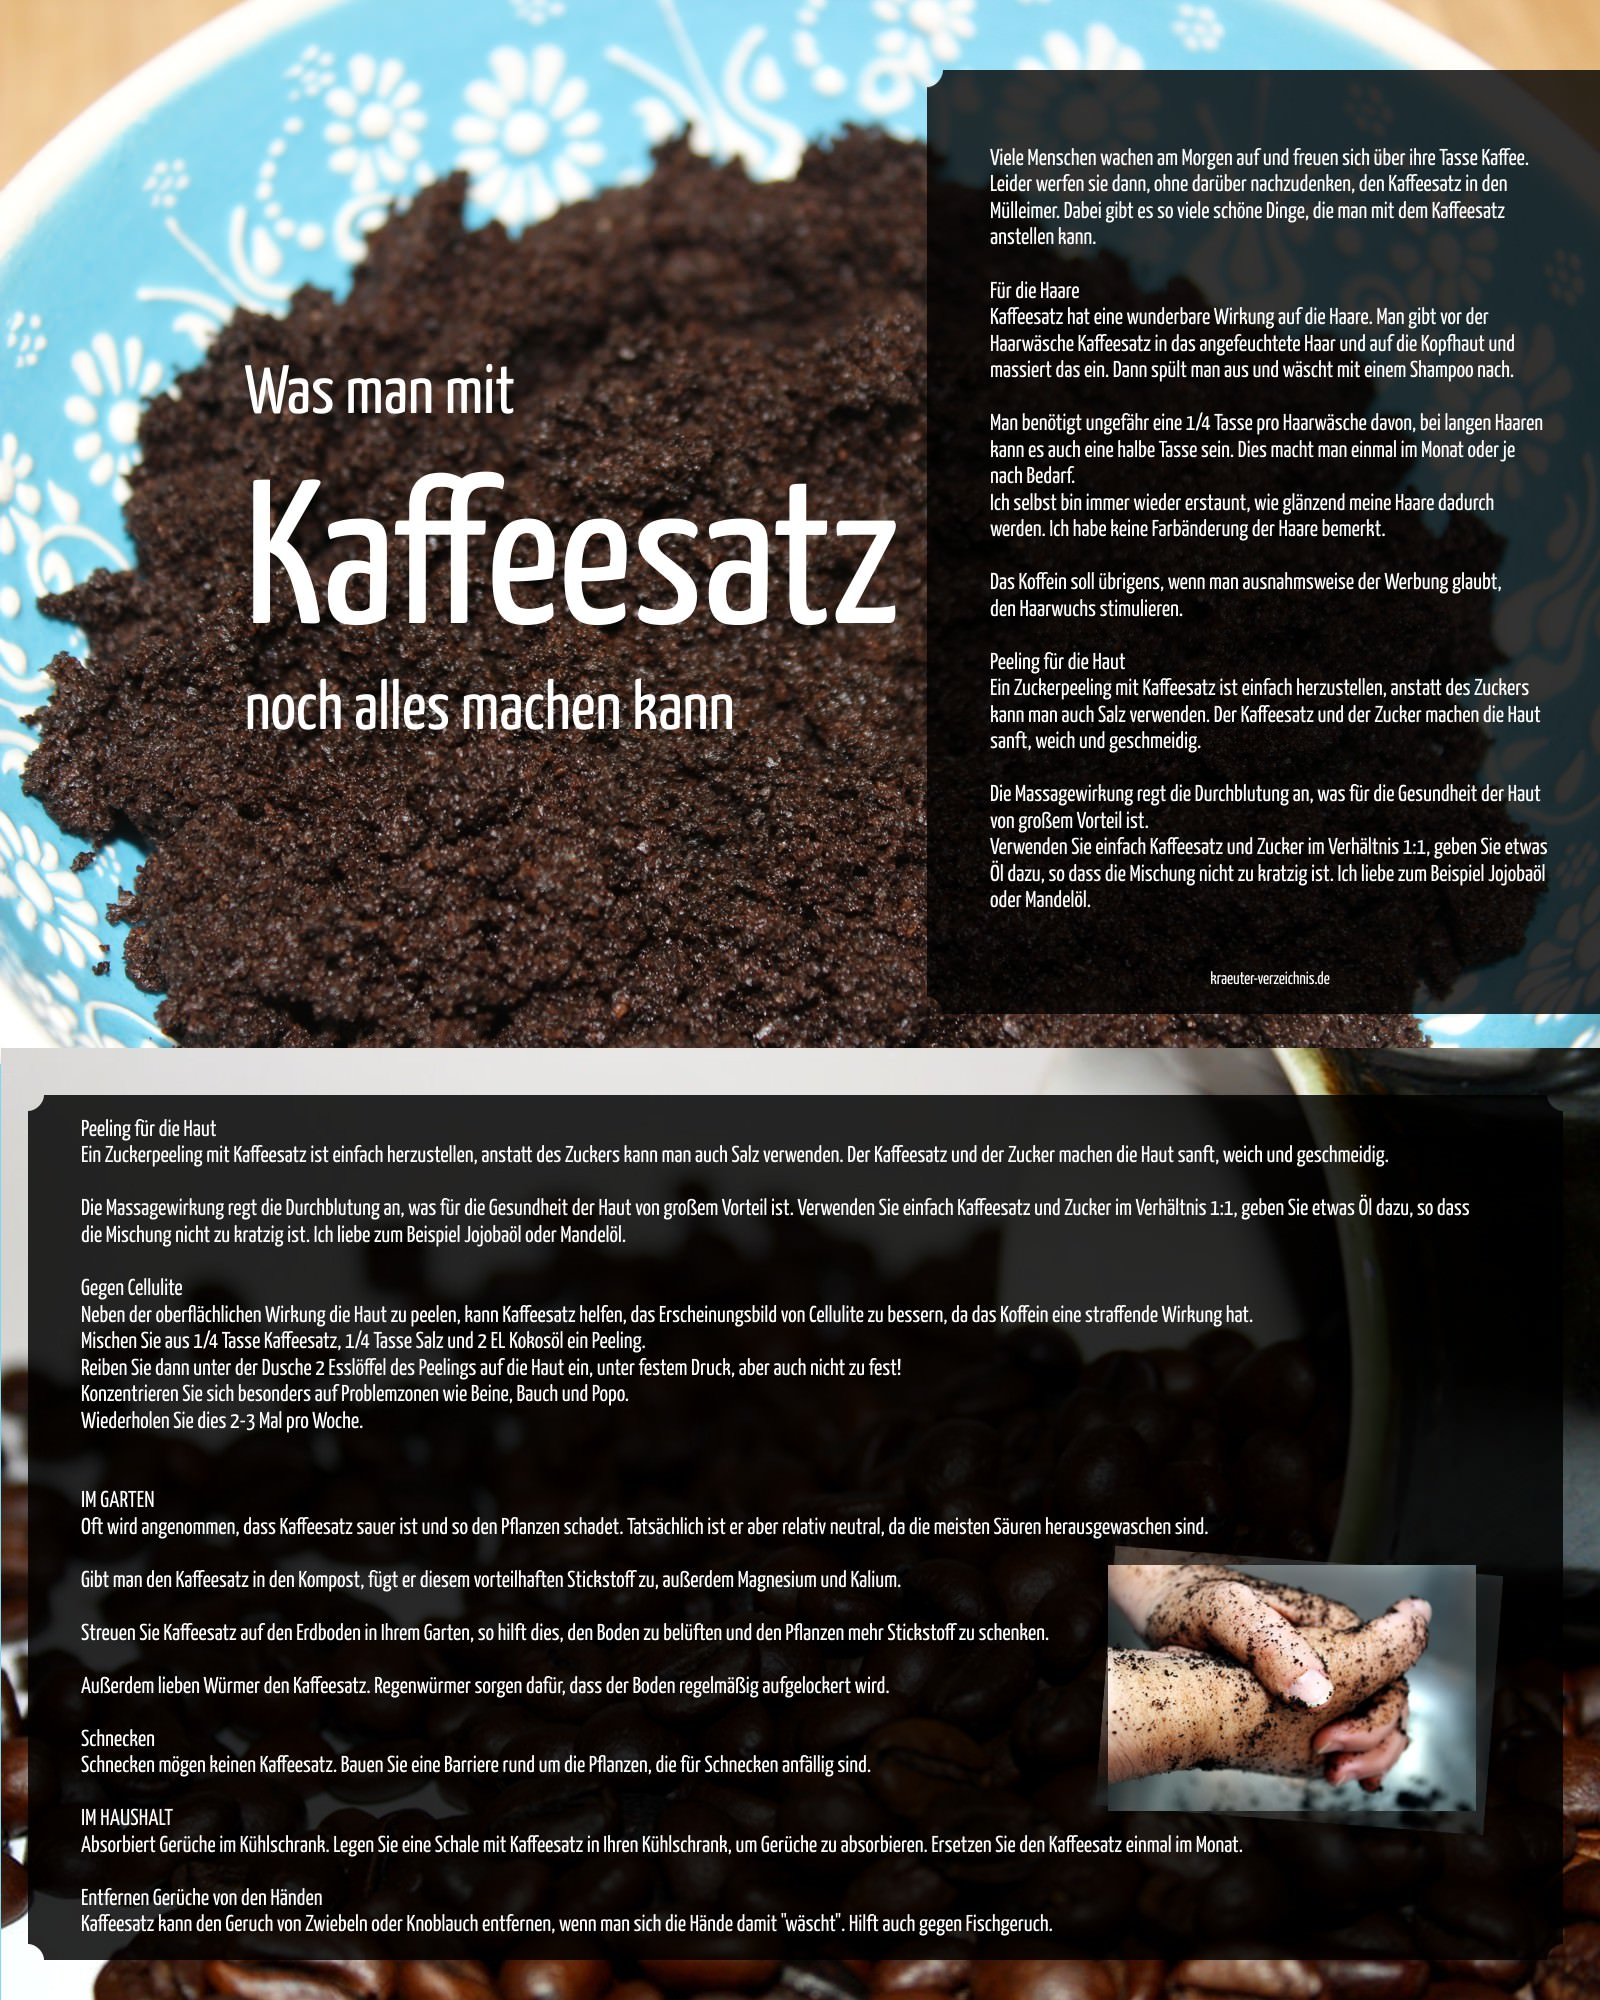 einige dinge sie mit kaffeesatz machen kà nnen